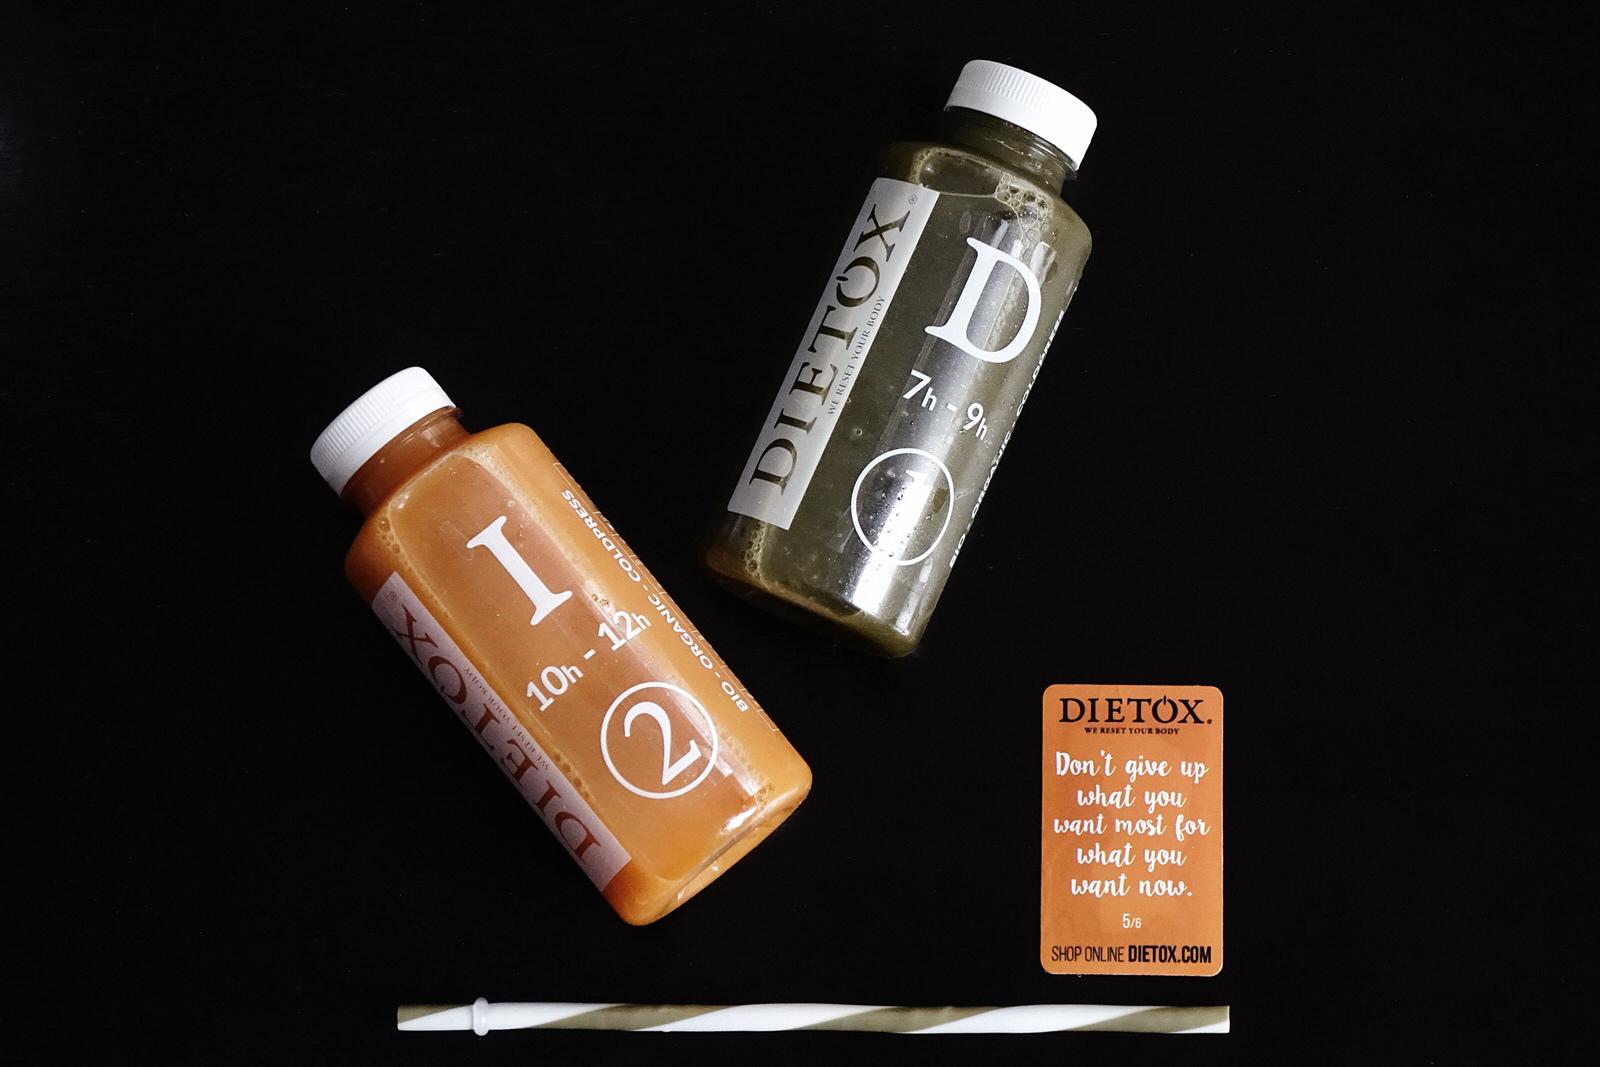 janis-en-sucre-dietox-07